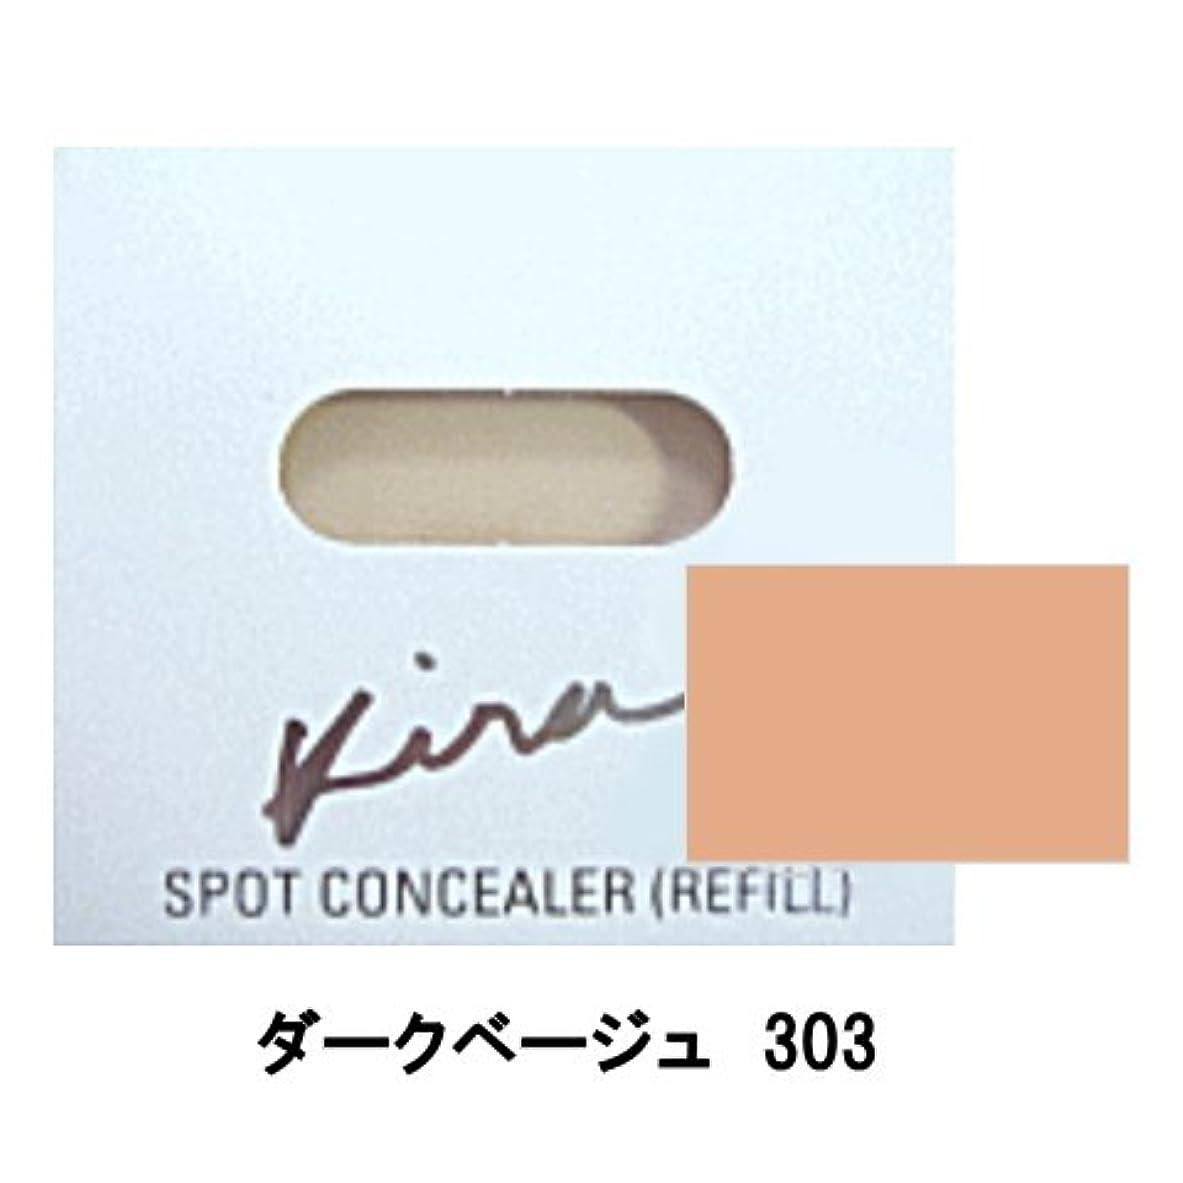 騒々しい追い払うコーナー綺羅化粧品 (キラ化粧品) スポットコンシーラー 《リフィルのみ》 (ダークベージュ 303)